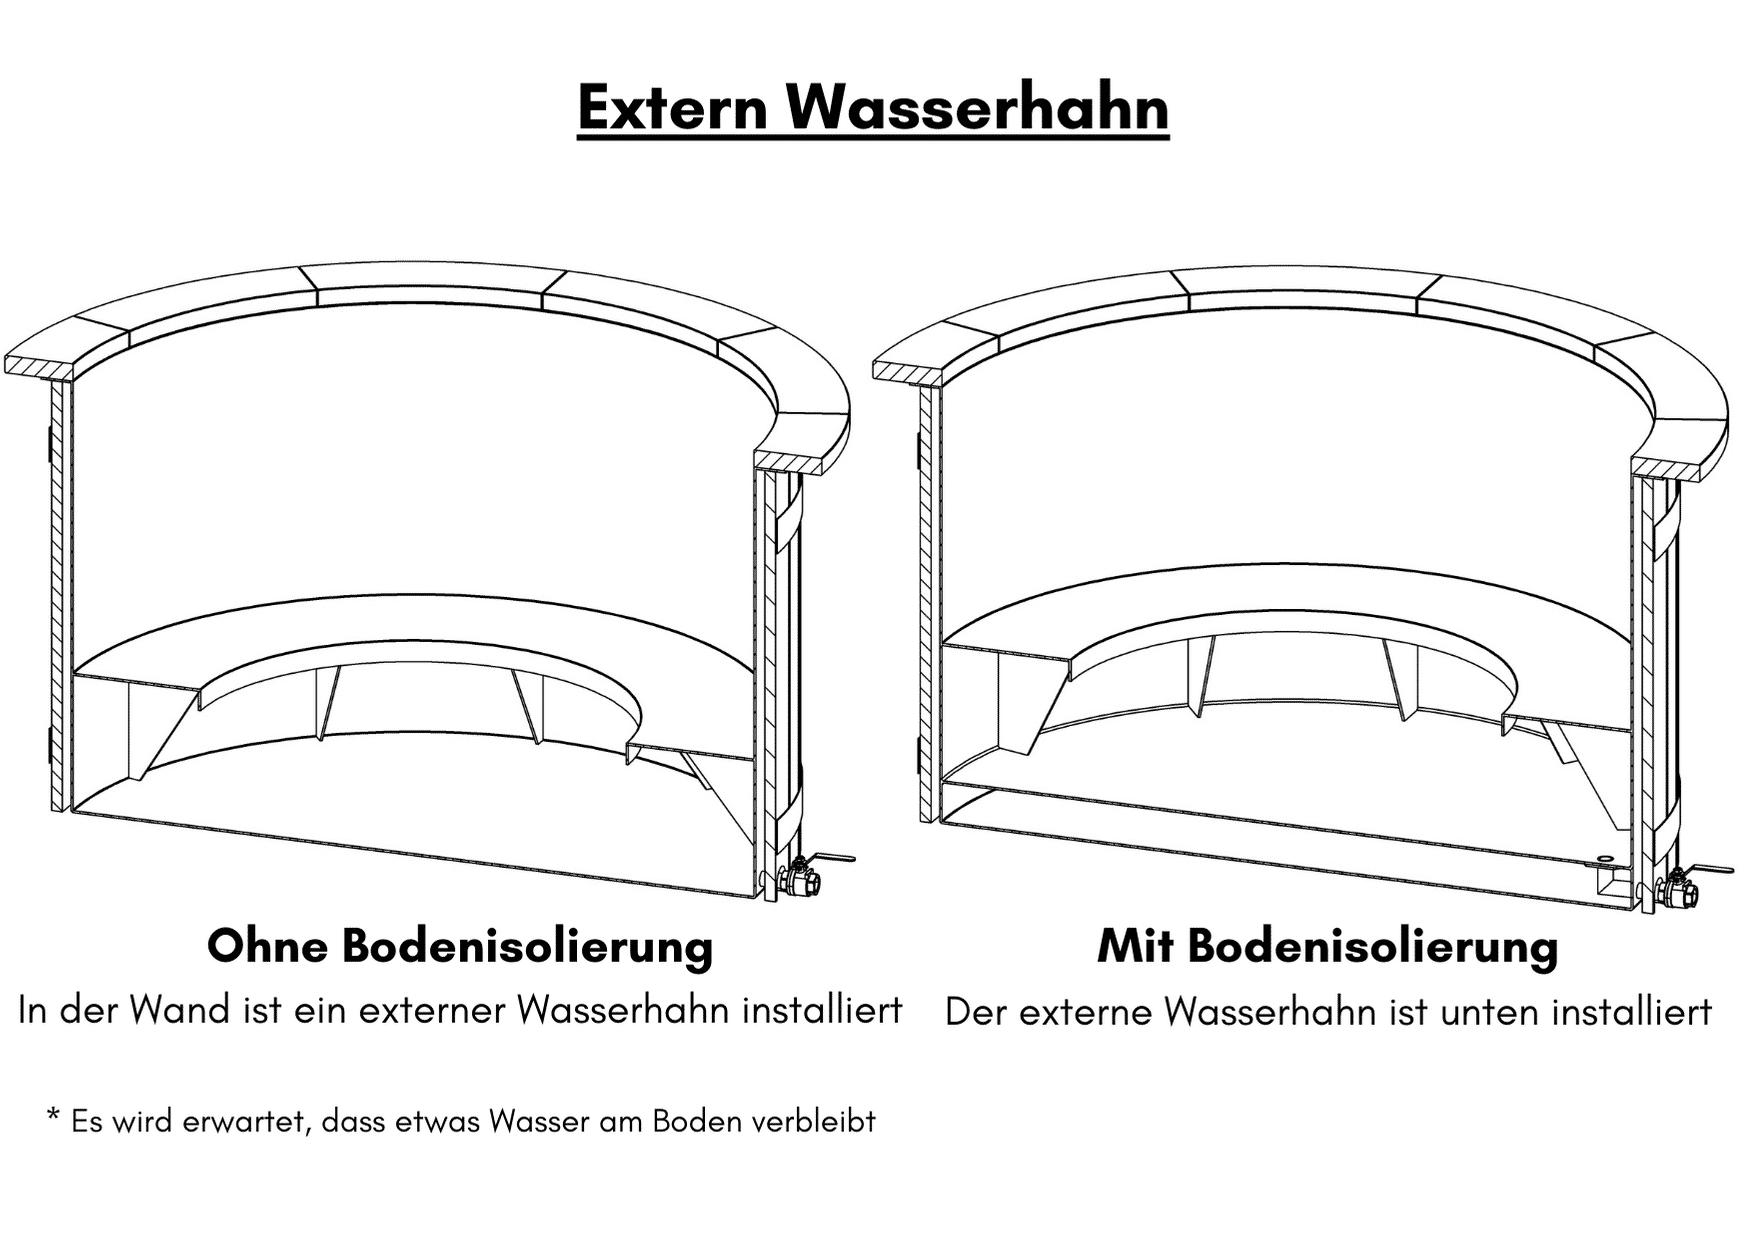 Badezuber mit Kunststoffeinsatz fuer Selbstgestaltung Extern Wasserhahn 1